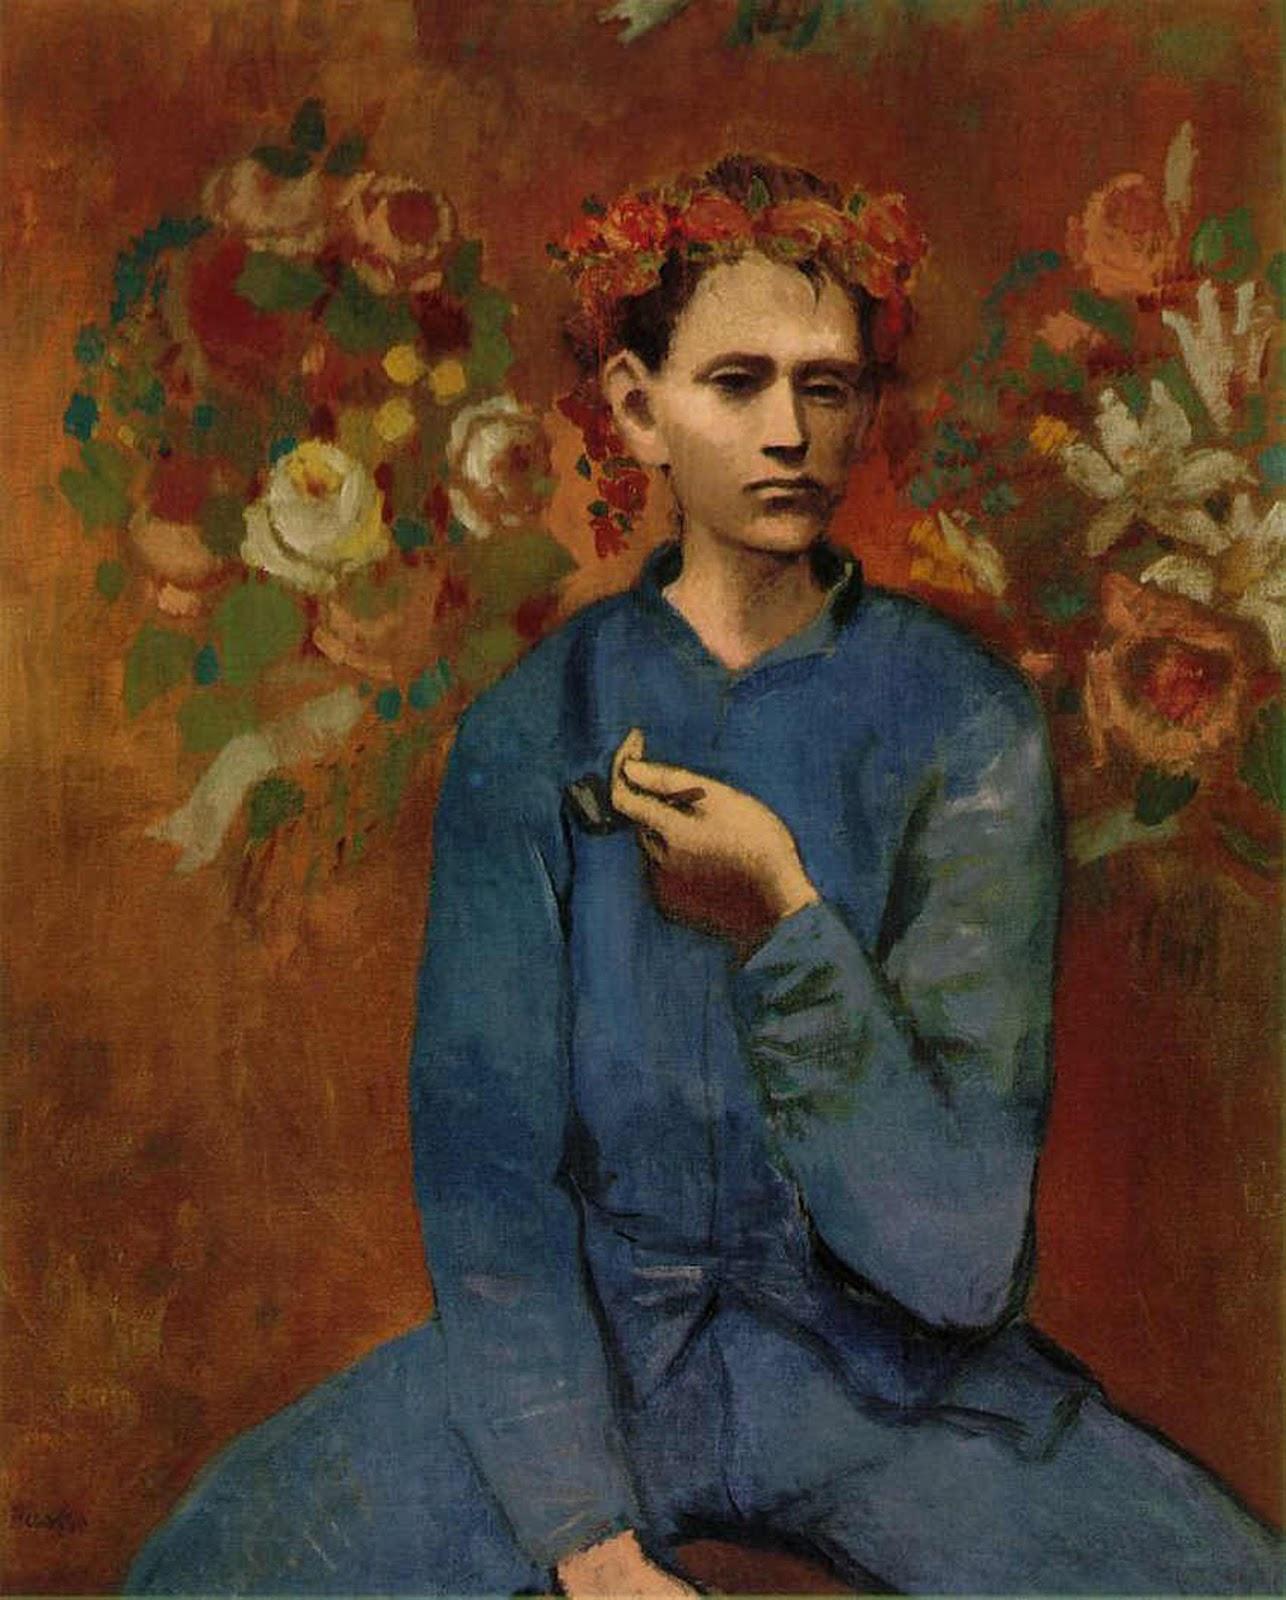 Pablo Picasso, Garçon à la pipe, 1905 – $93,000,000 (Sotheby's, Nowy Jork)